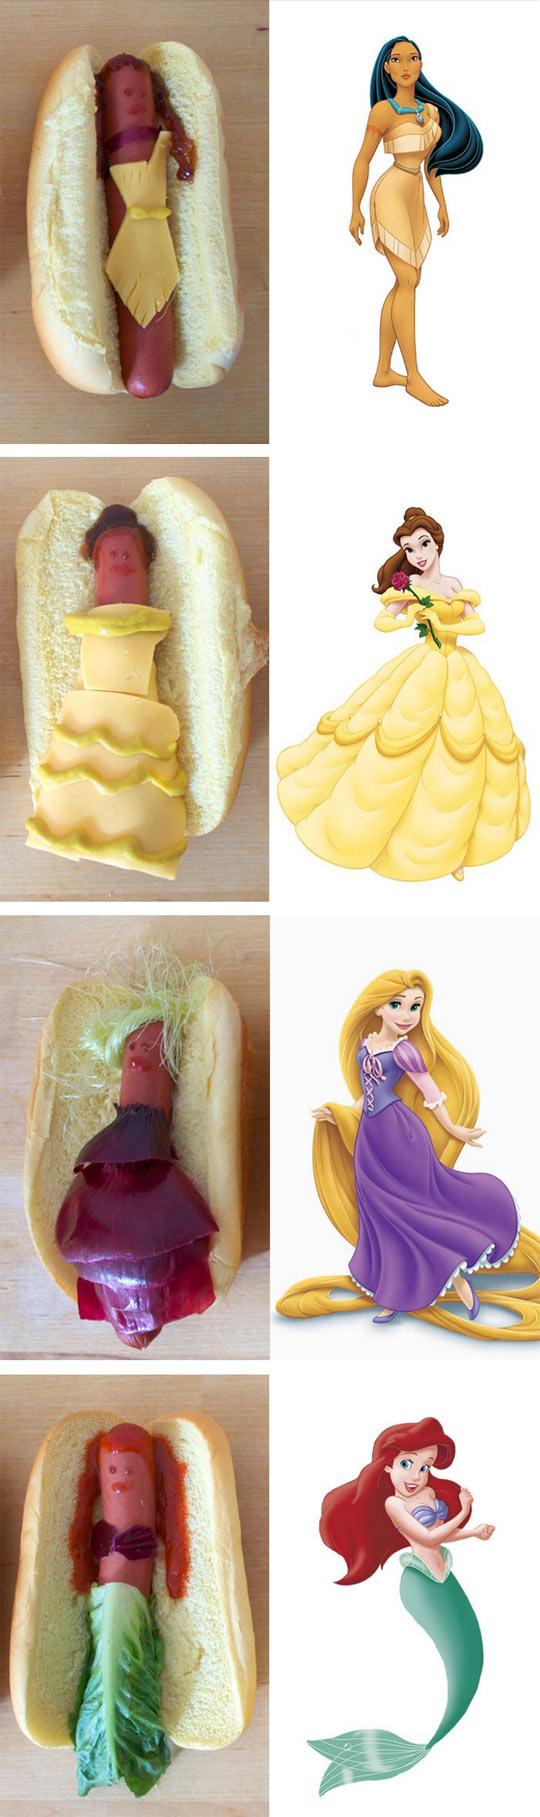 cool-Disney-princess-hot-dog